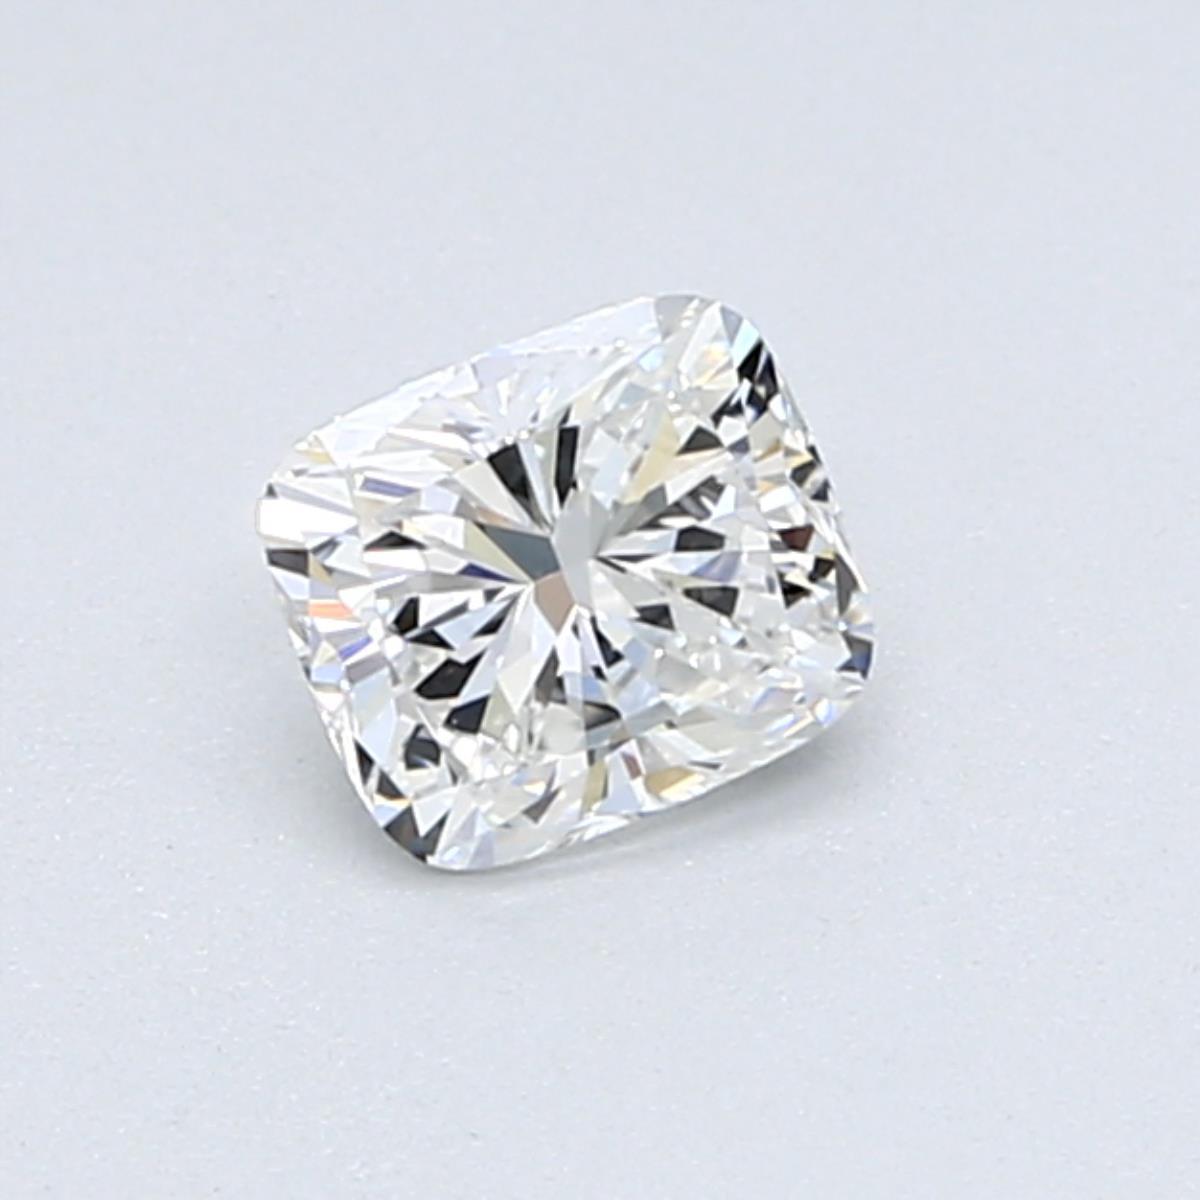 0.51-Carat Cushion Cut Diamond